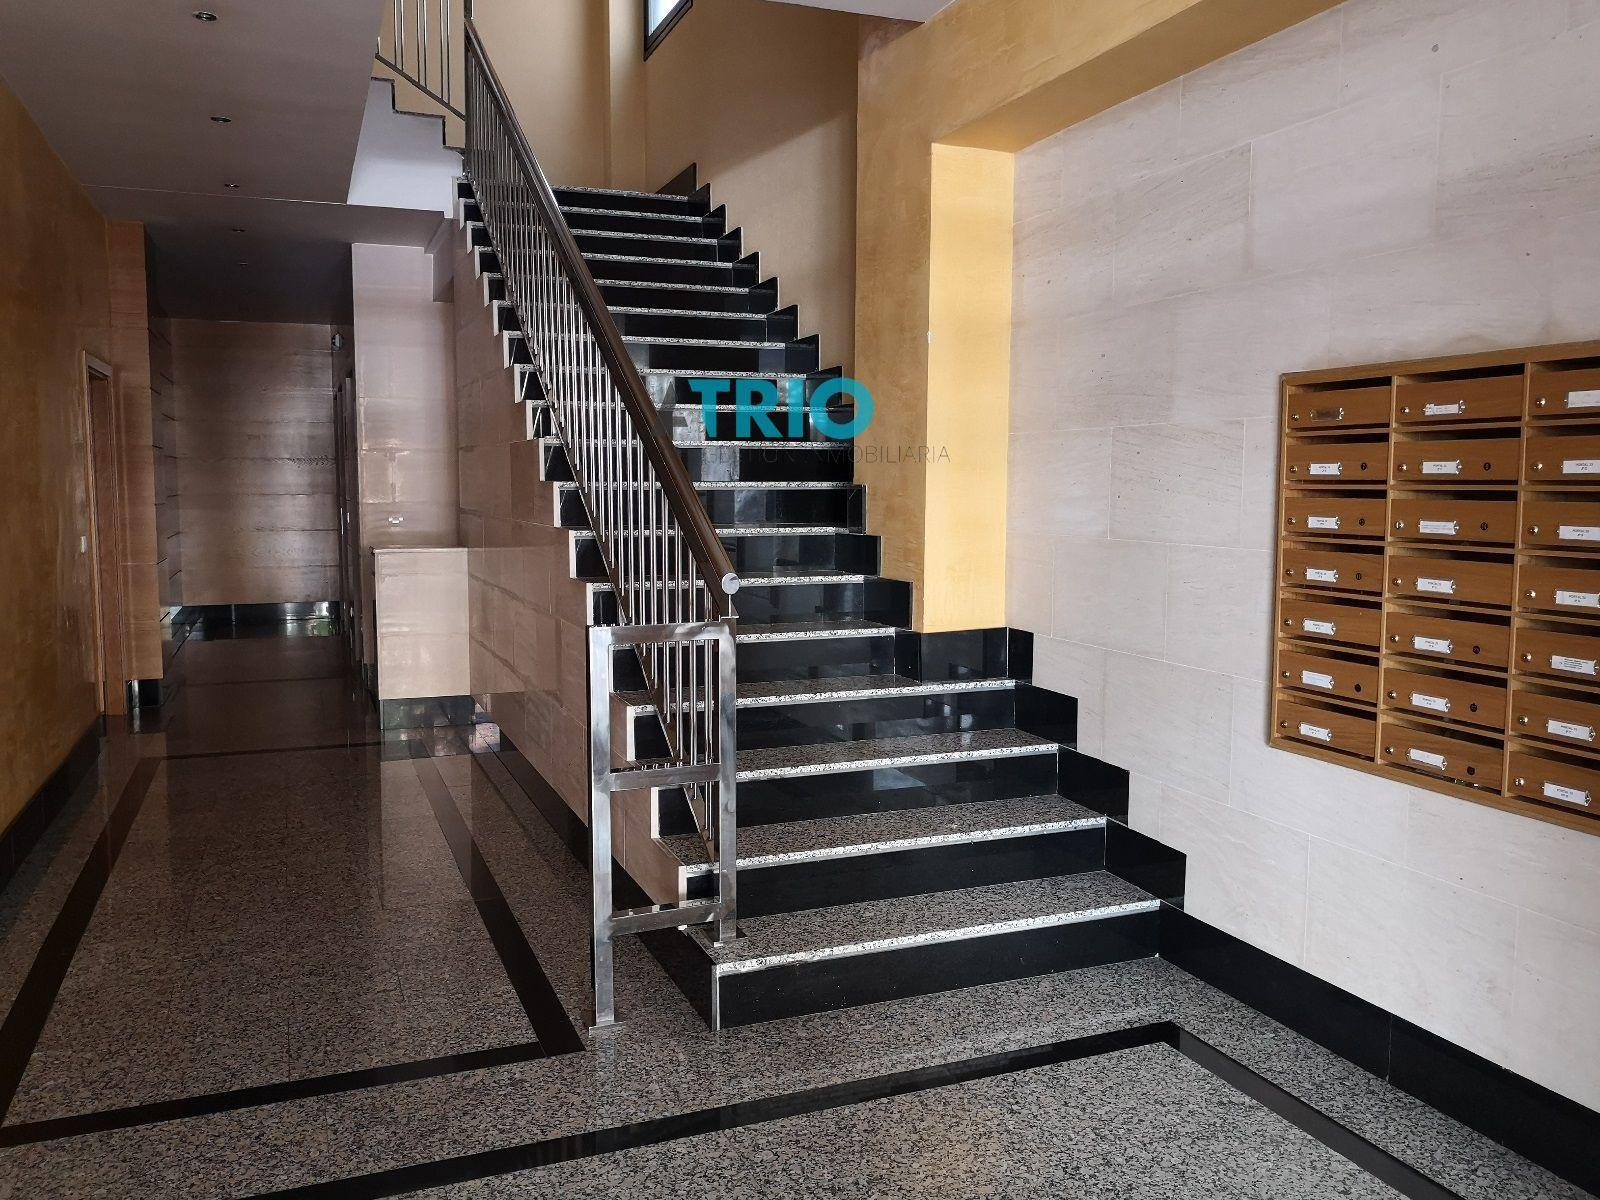 dia.mobiliagestion.es/Portals/inmoatrio/Images/5998/4898292